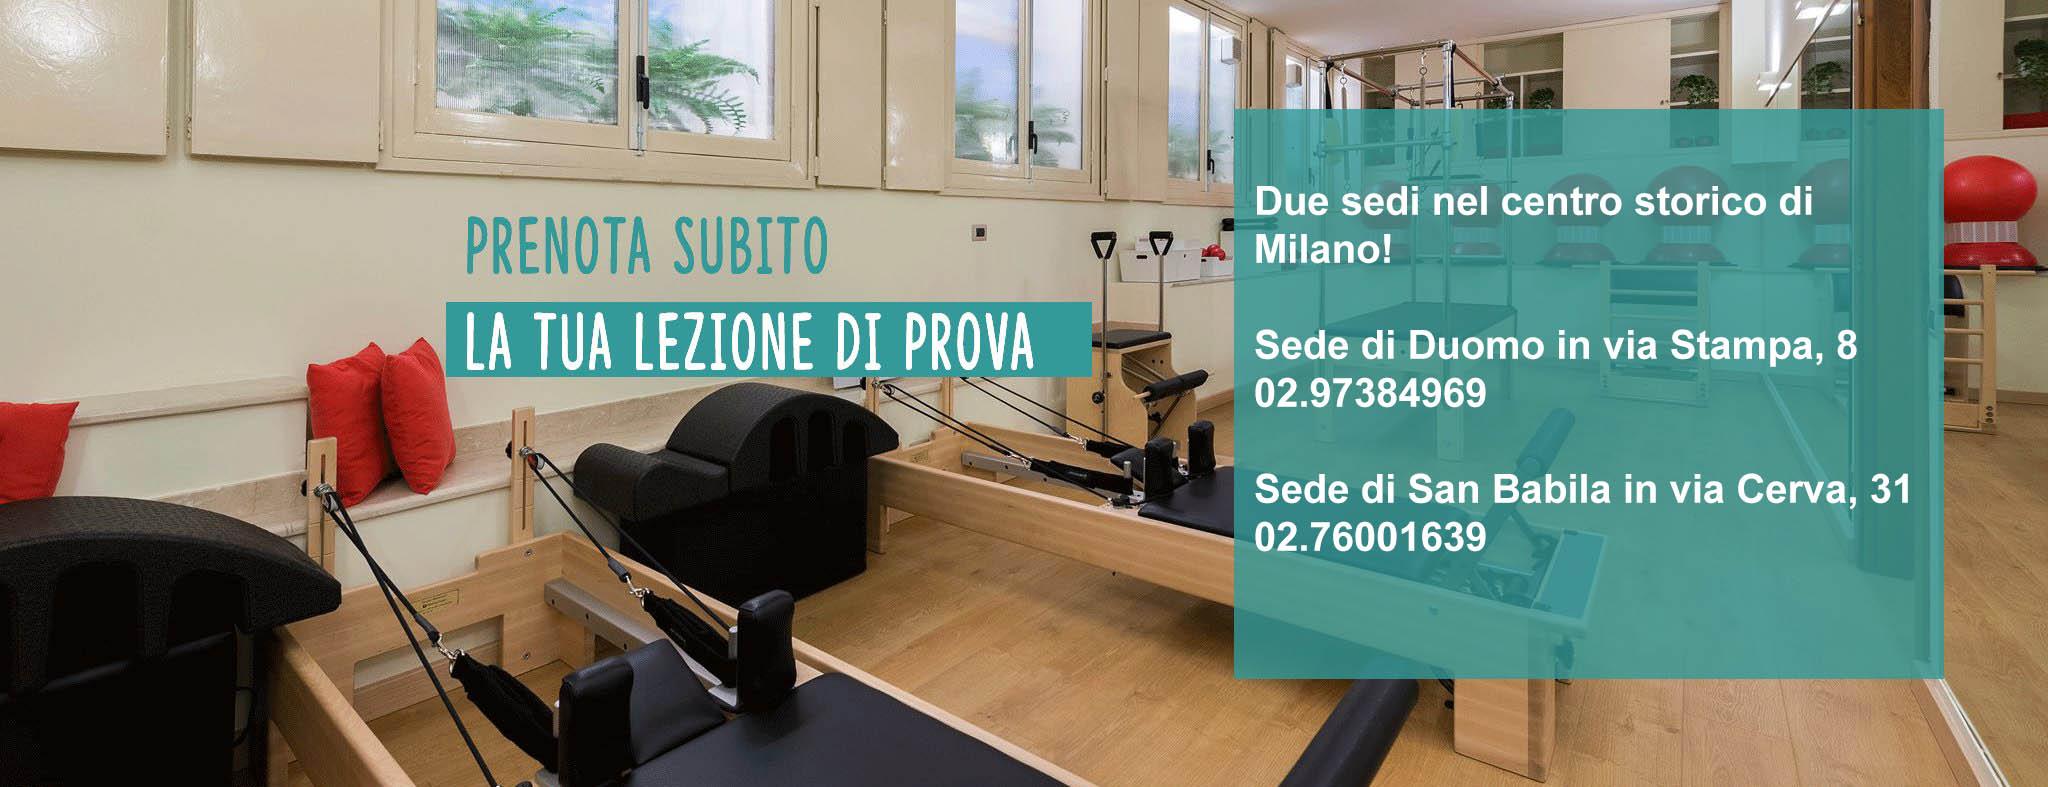 Pilates Post Parto Morivione Milano - Prenota subito la tua lezione di prova